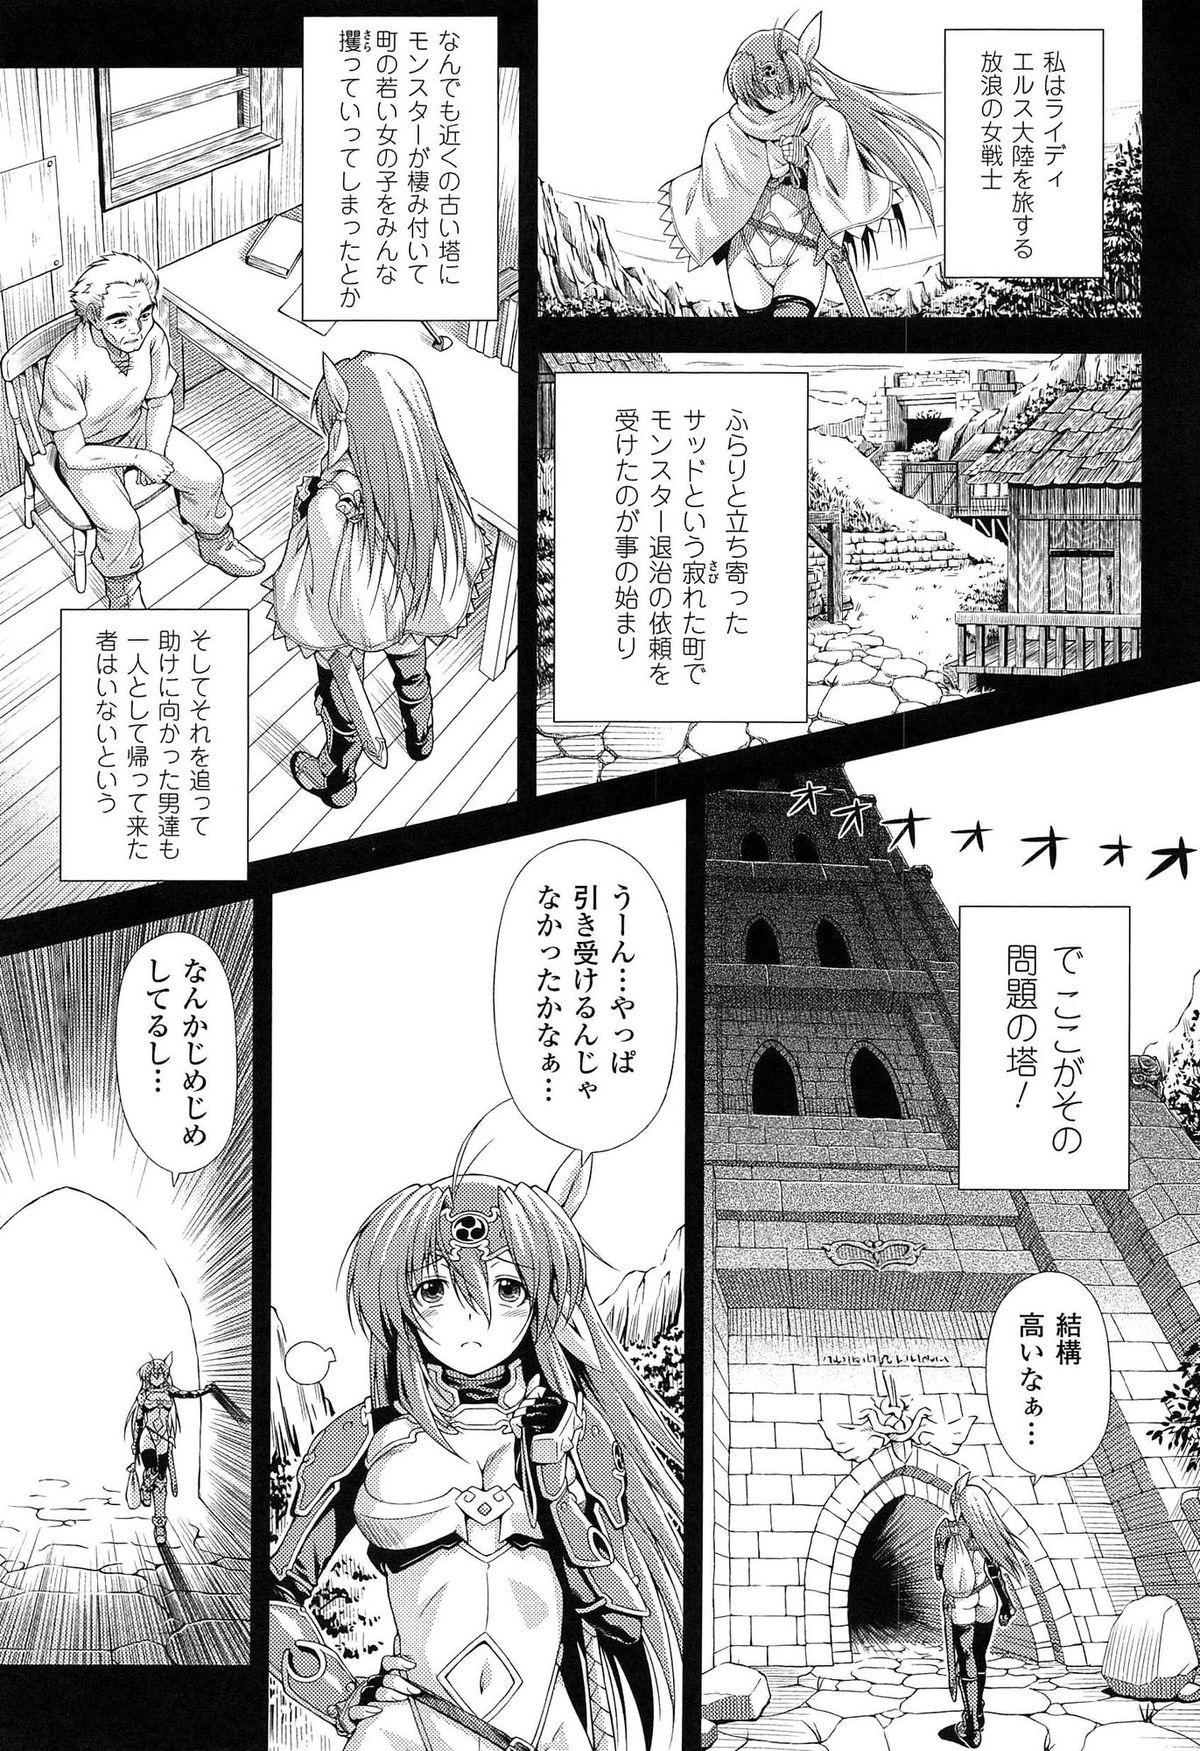 [kazuma muramasa, ZyX] Ikazuchi no Senshi Raidy ~Haja no Raikou~ THE COMIC 10